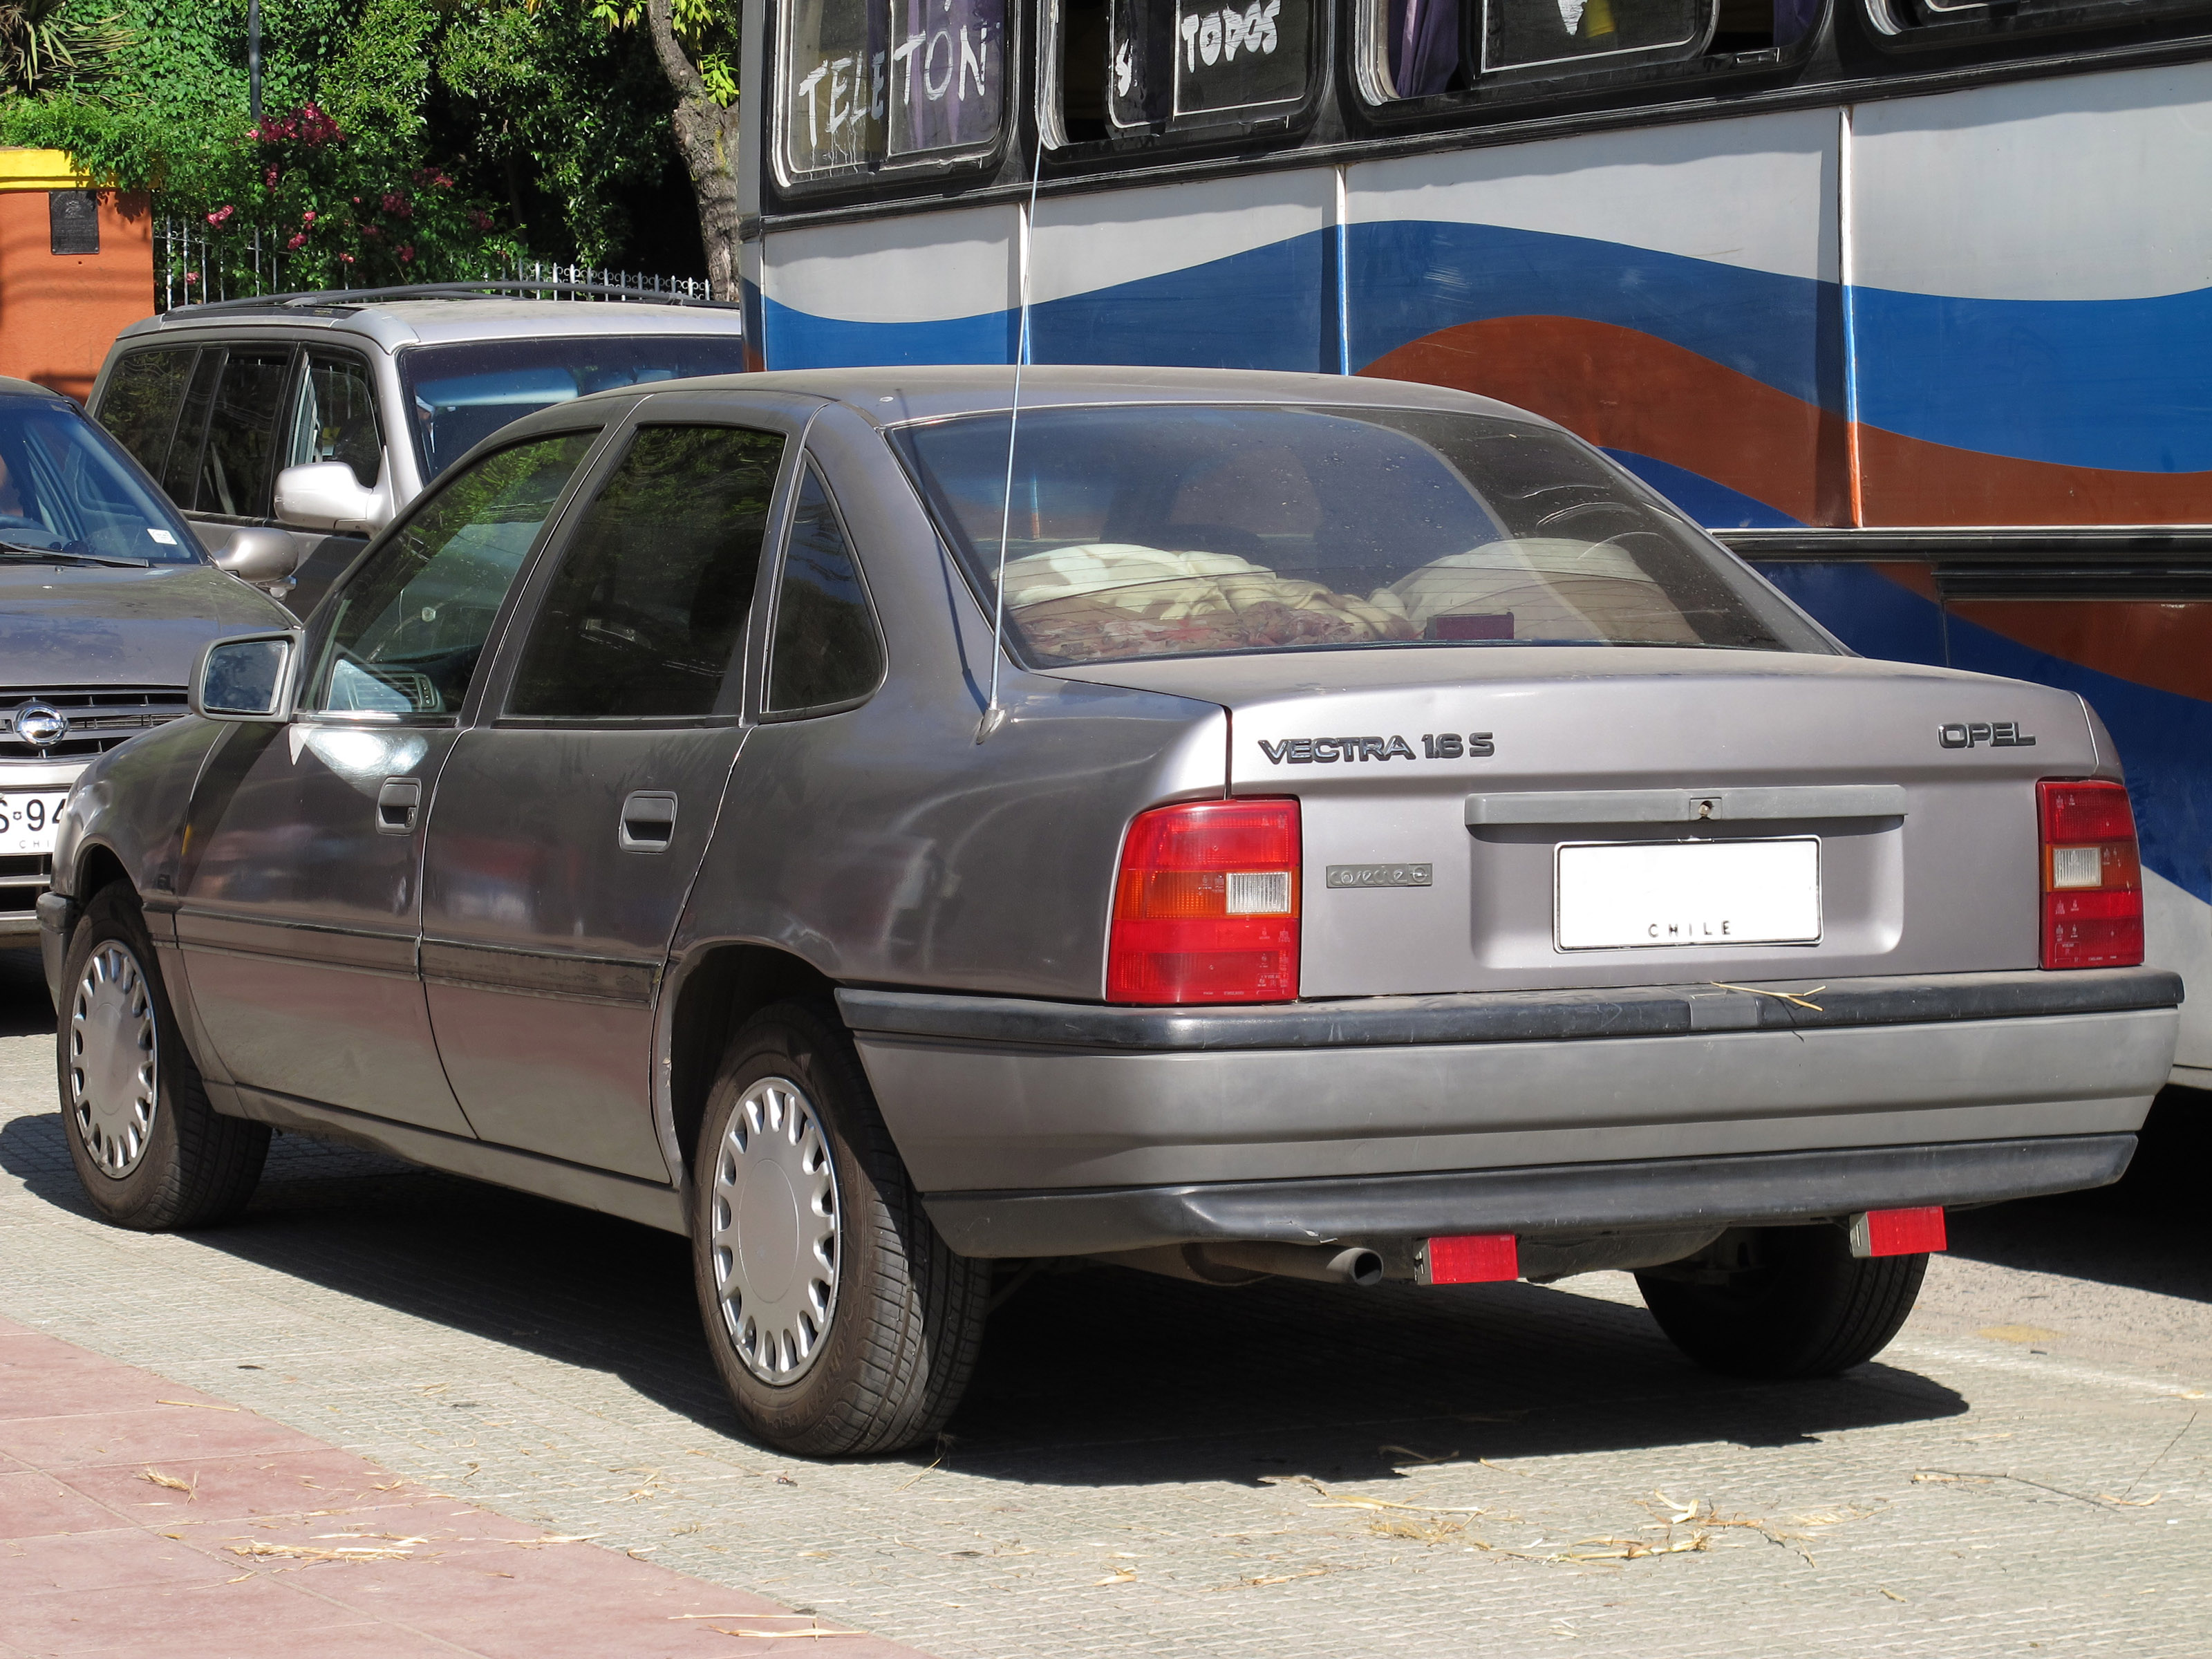 File Opel Vectra 1 6s Gl 1992 15694185027 Jpg